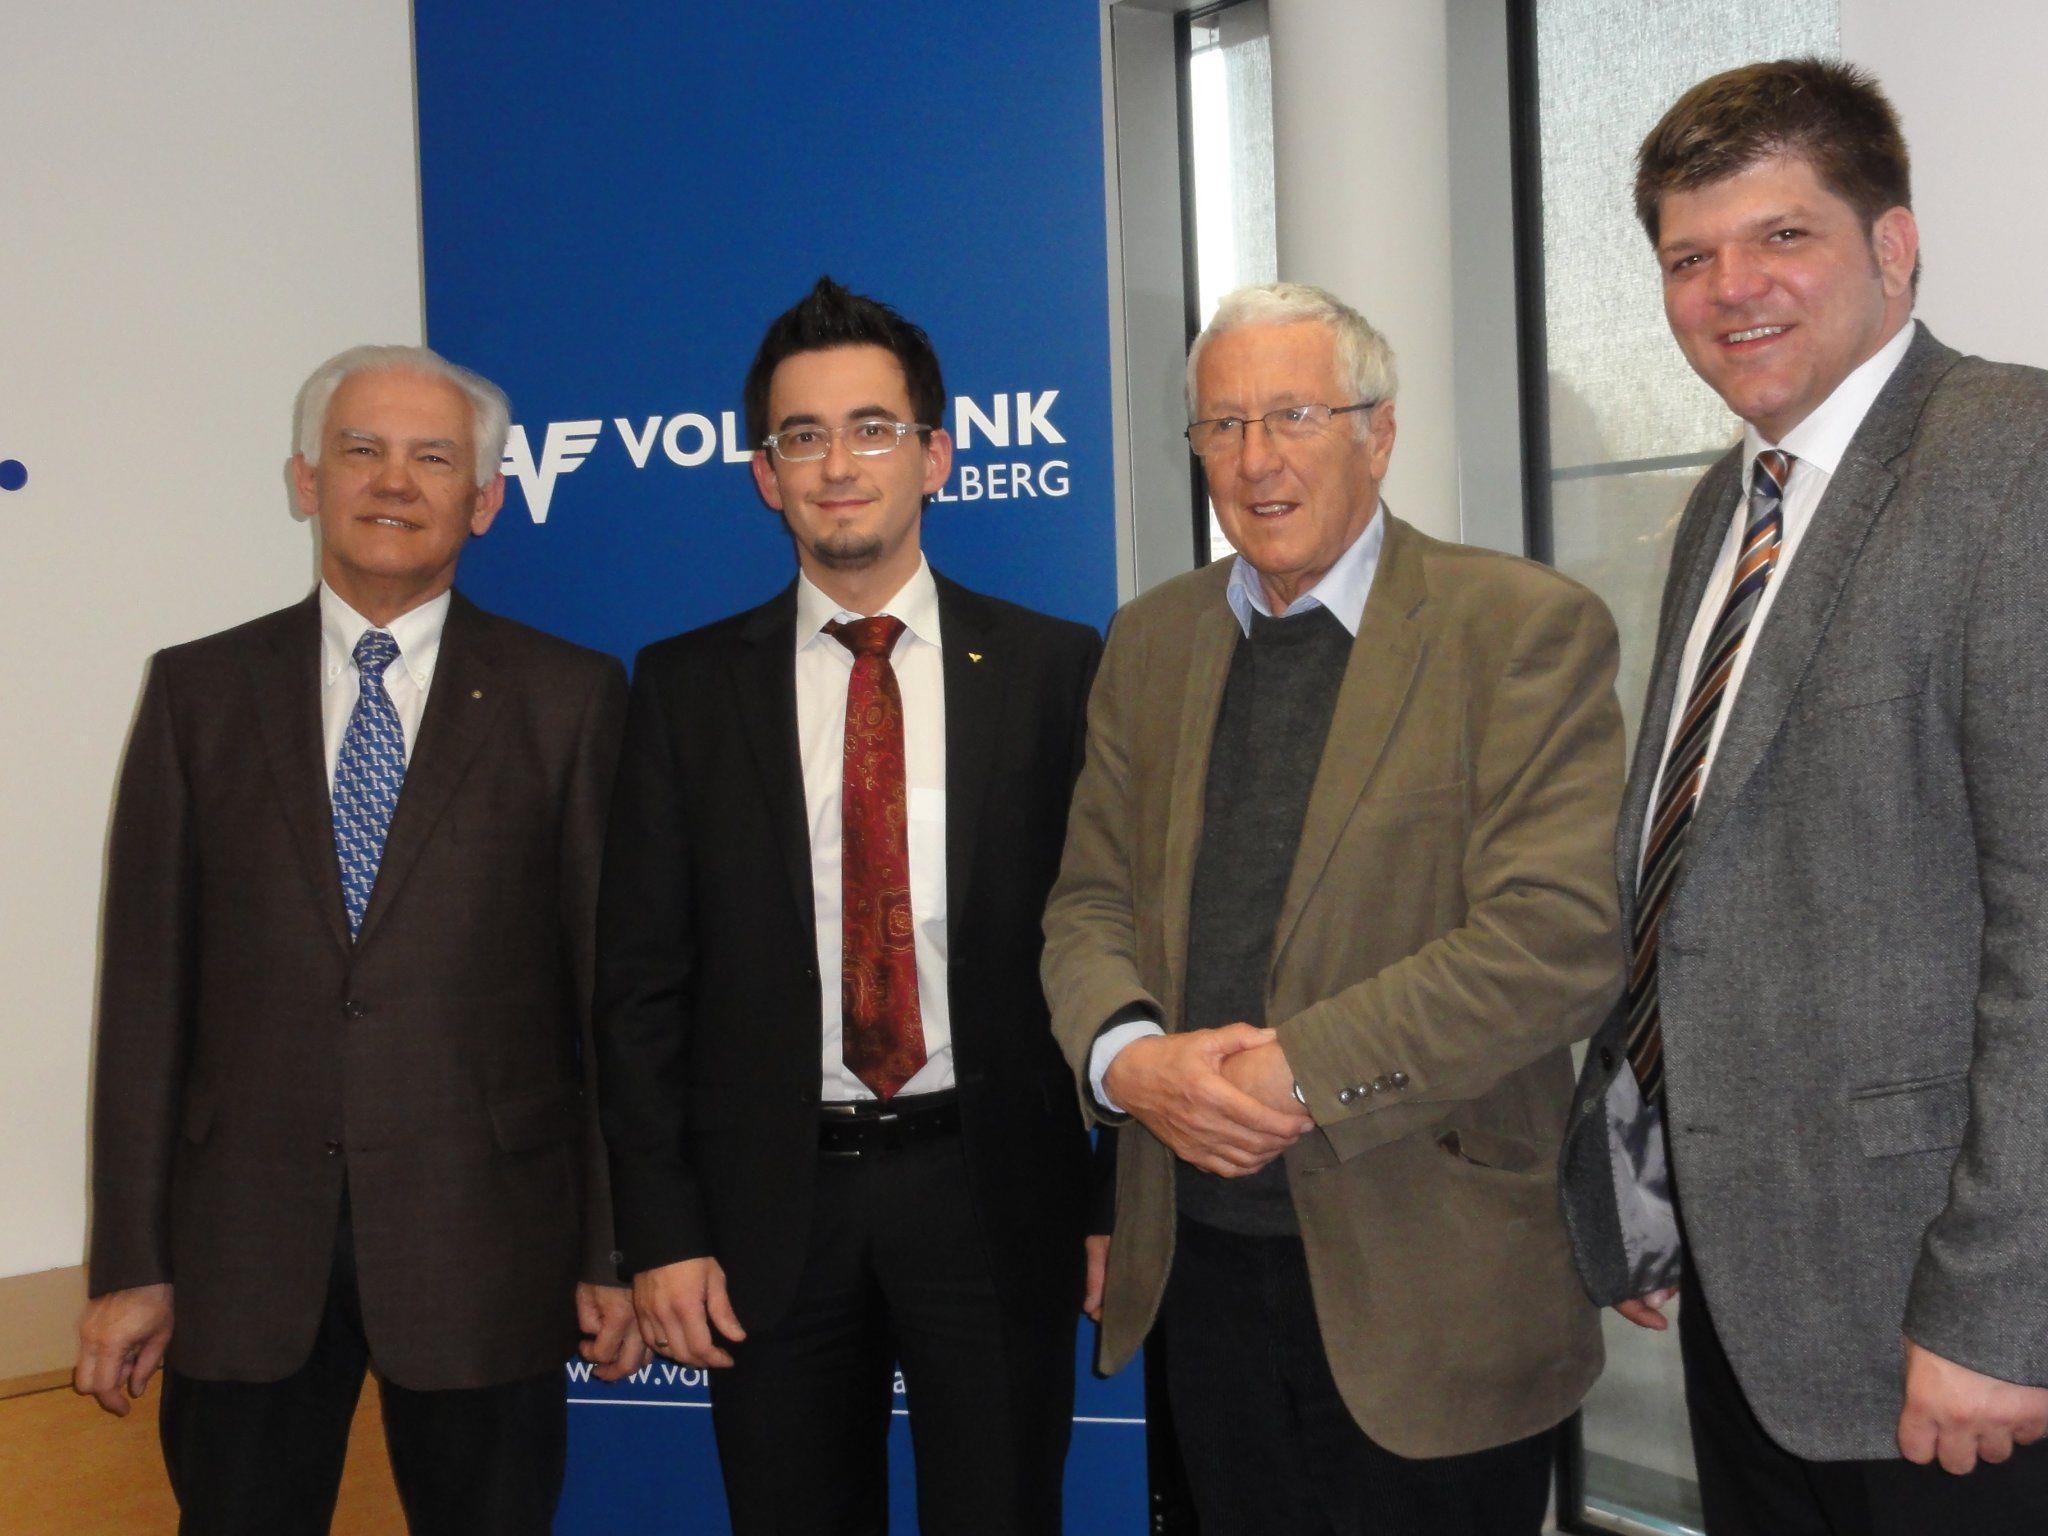 Ing. Wolfgang Ortner (Montagsforum), Dipl.Bw. (FH) Christian Klar( Volksbank), Univ.Prof. Dr. Herwig Scholz und Vorst.Dir. Stephan Kar (Volksbank)